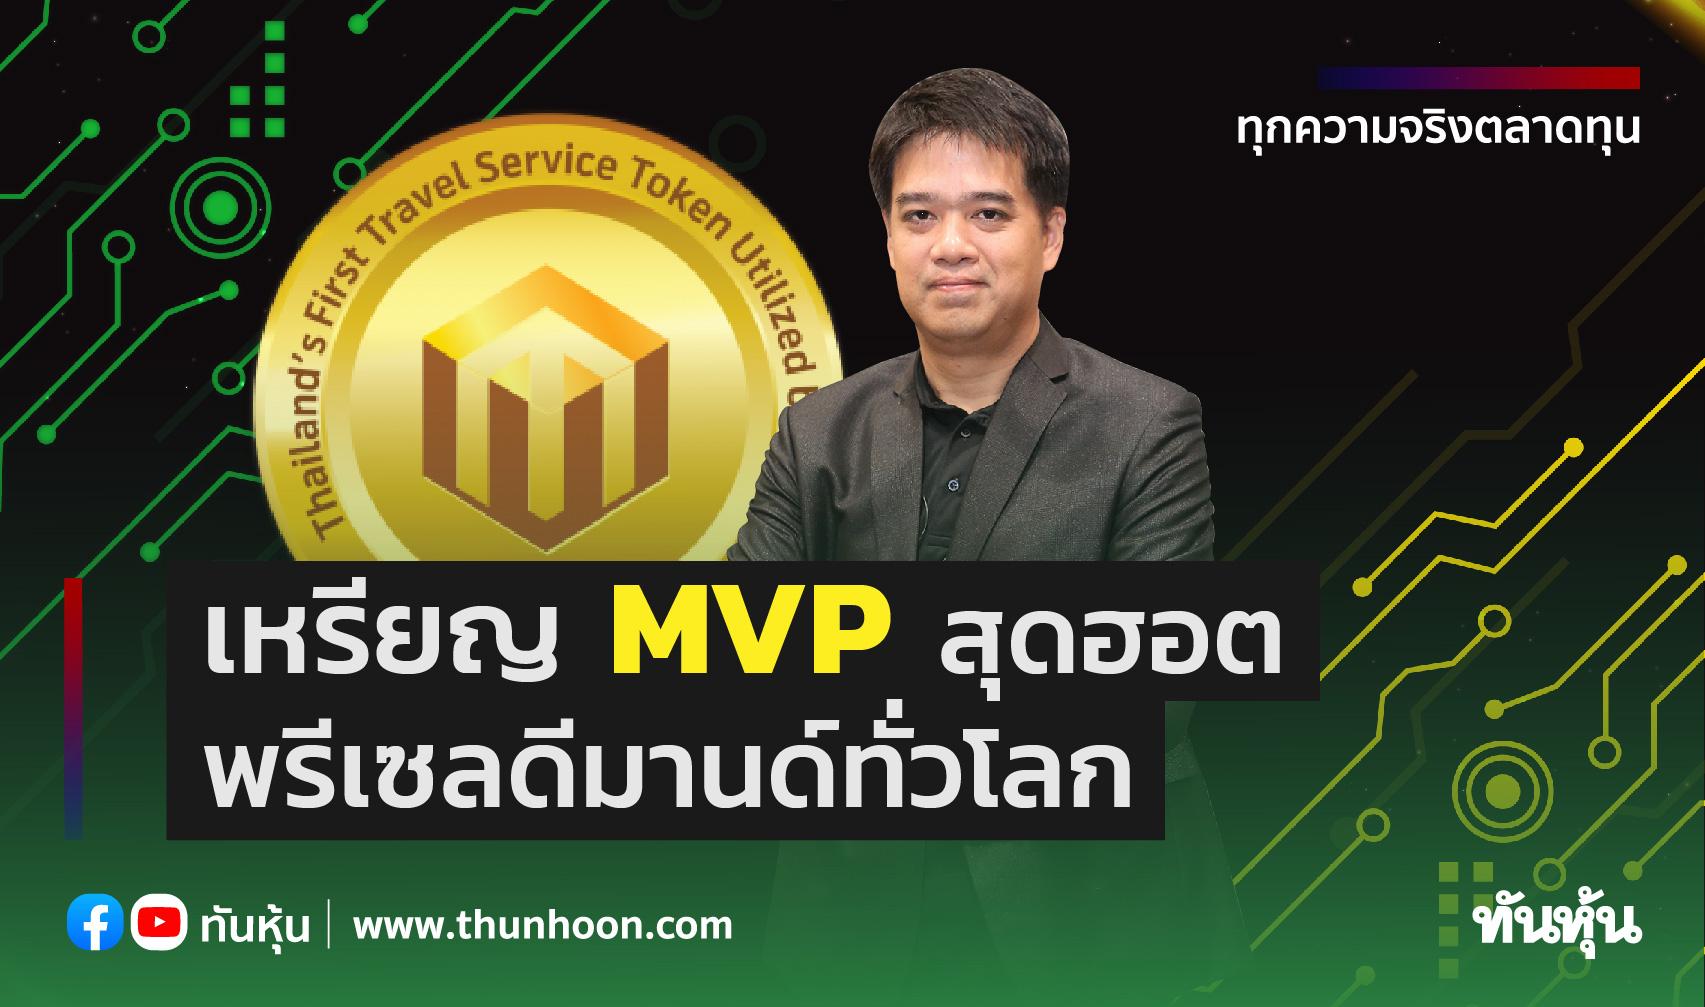 เหรียญMVPสุดฮอต พรีเซลดีมานด์ทั่วโลก